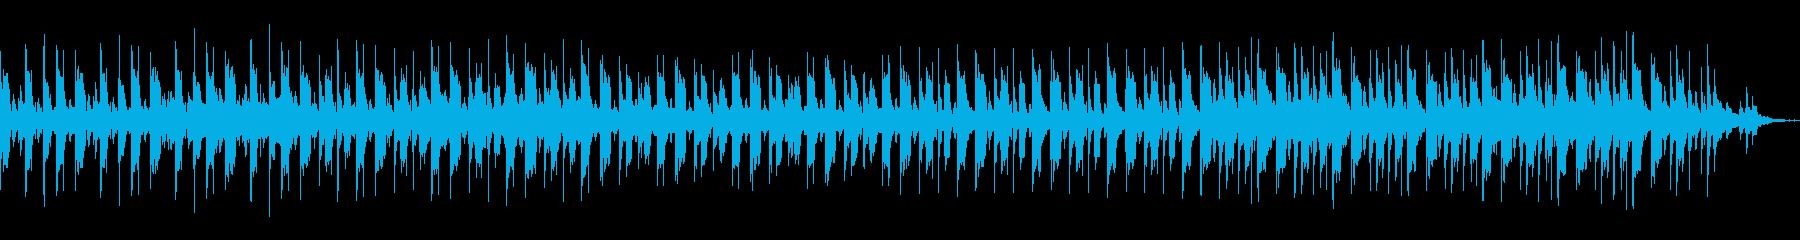 ピグミー音楽(アフリカ)からのインスパイの再生済みの波形